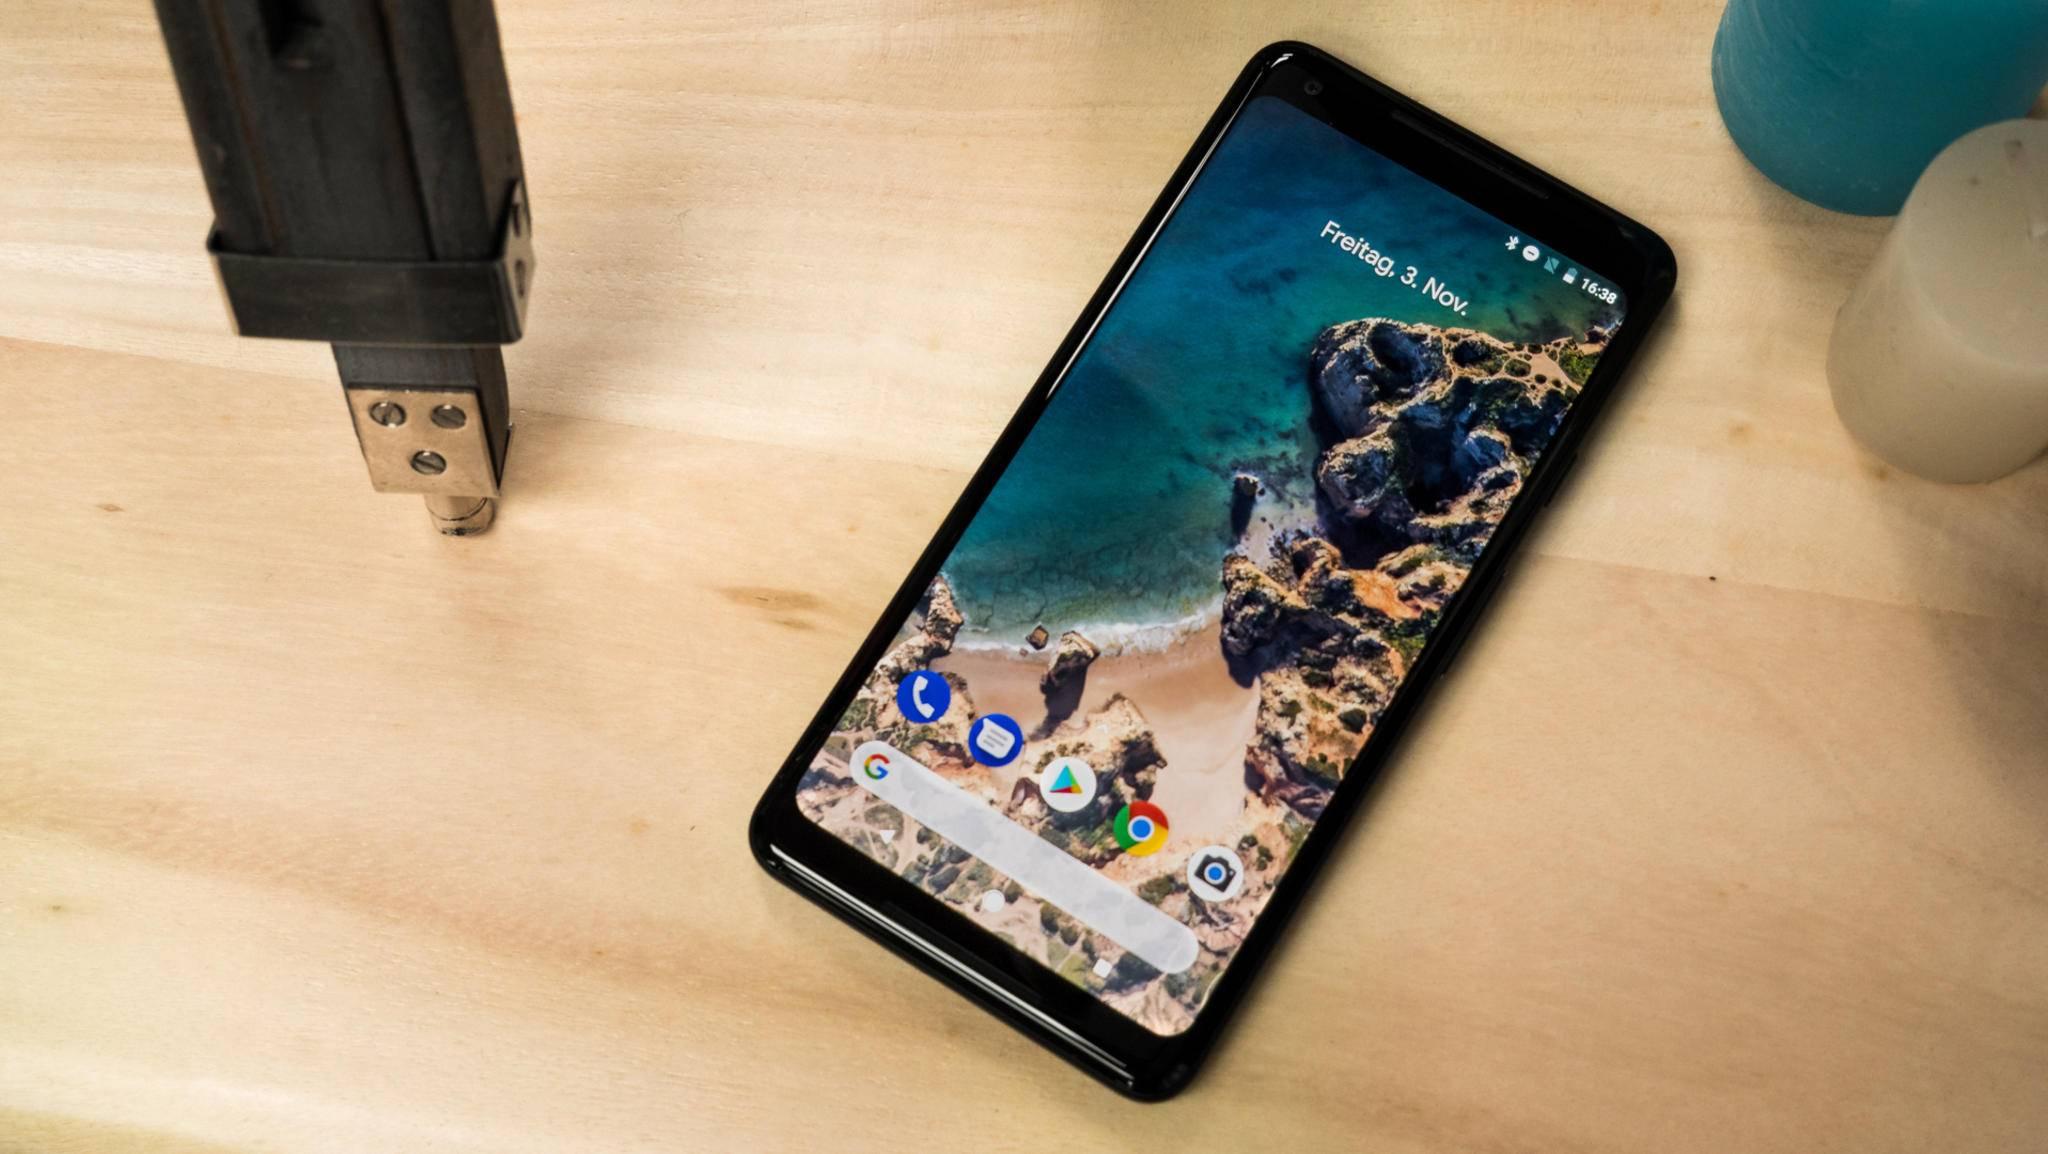 Das Pixel 2 XL wird von einem kuriosen Bug heimgesucht.